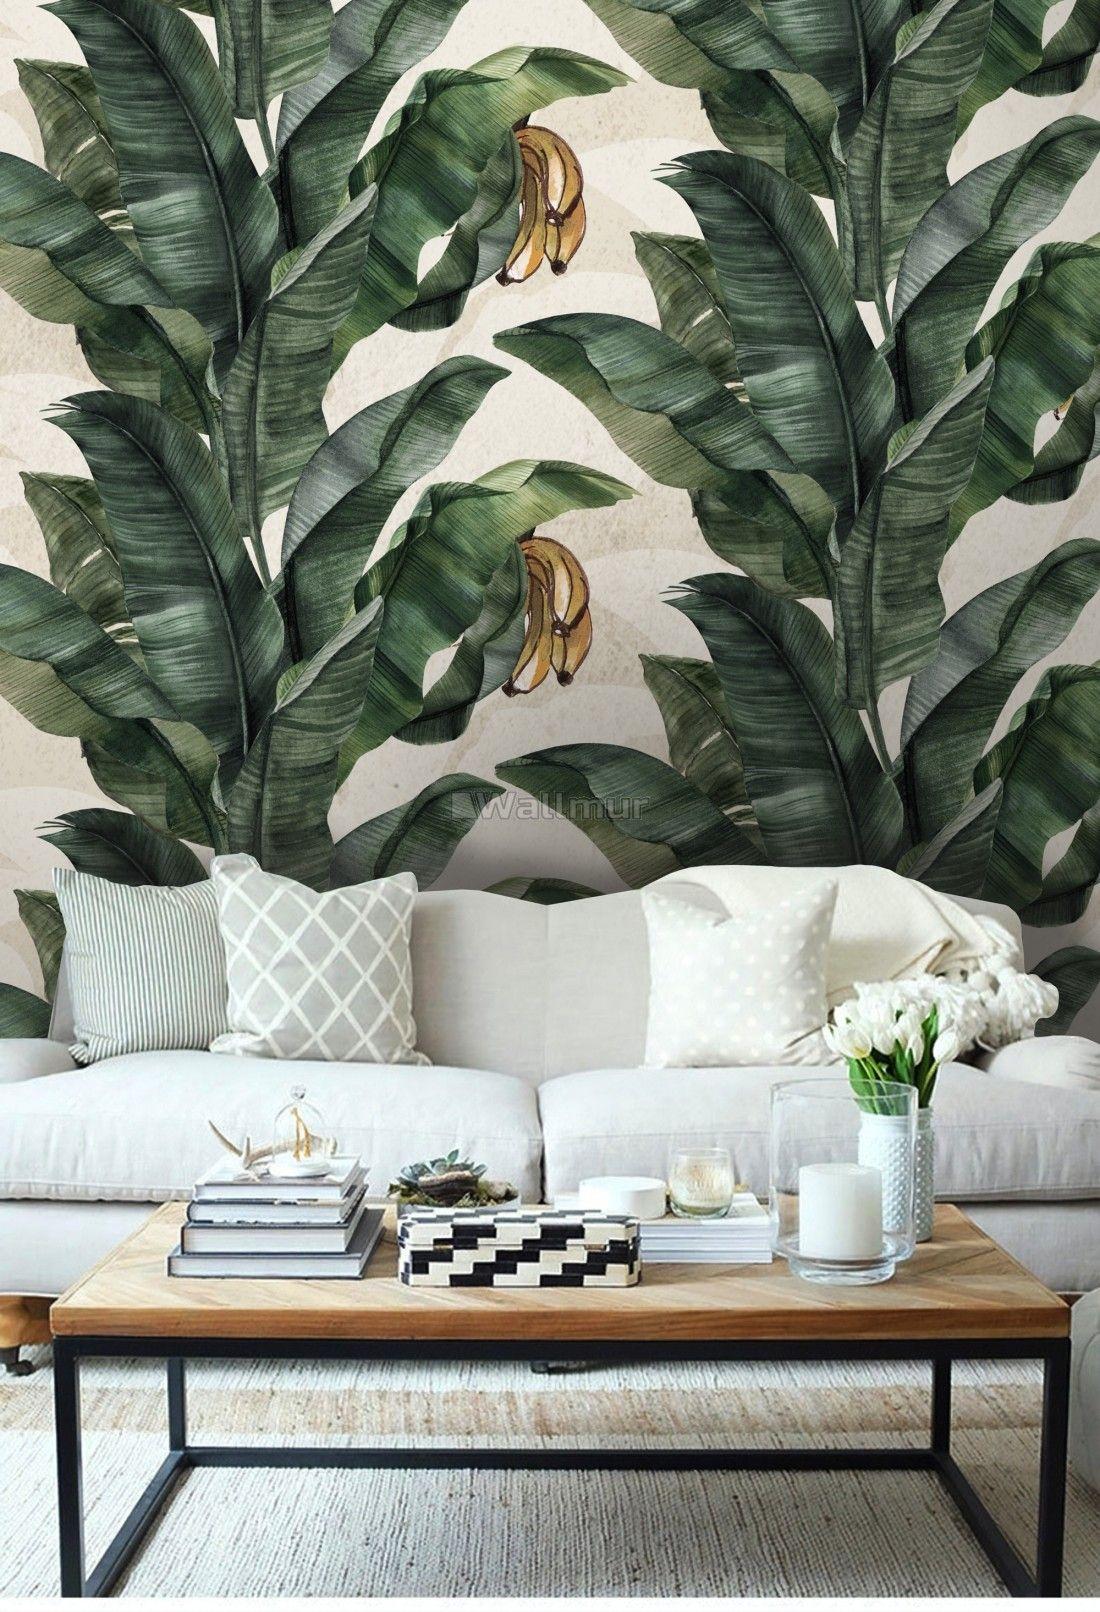 Banana Leaf Pattern Wallpaper Mural (с изображениями